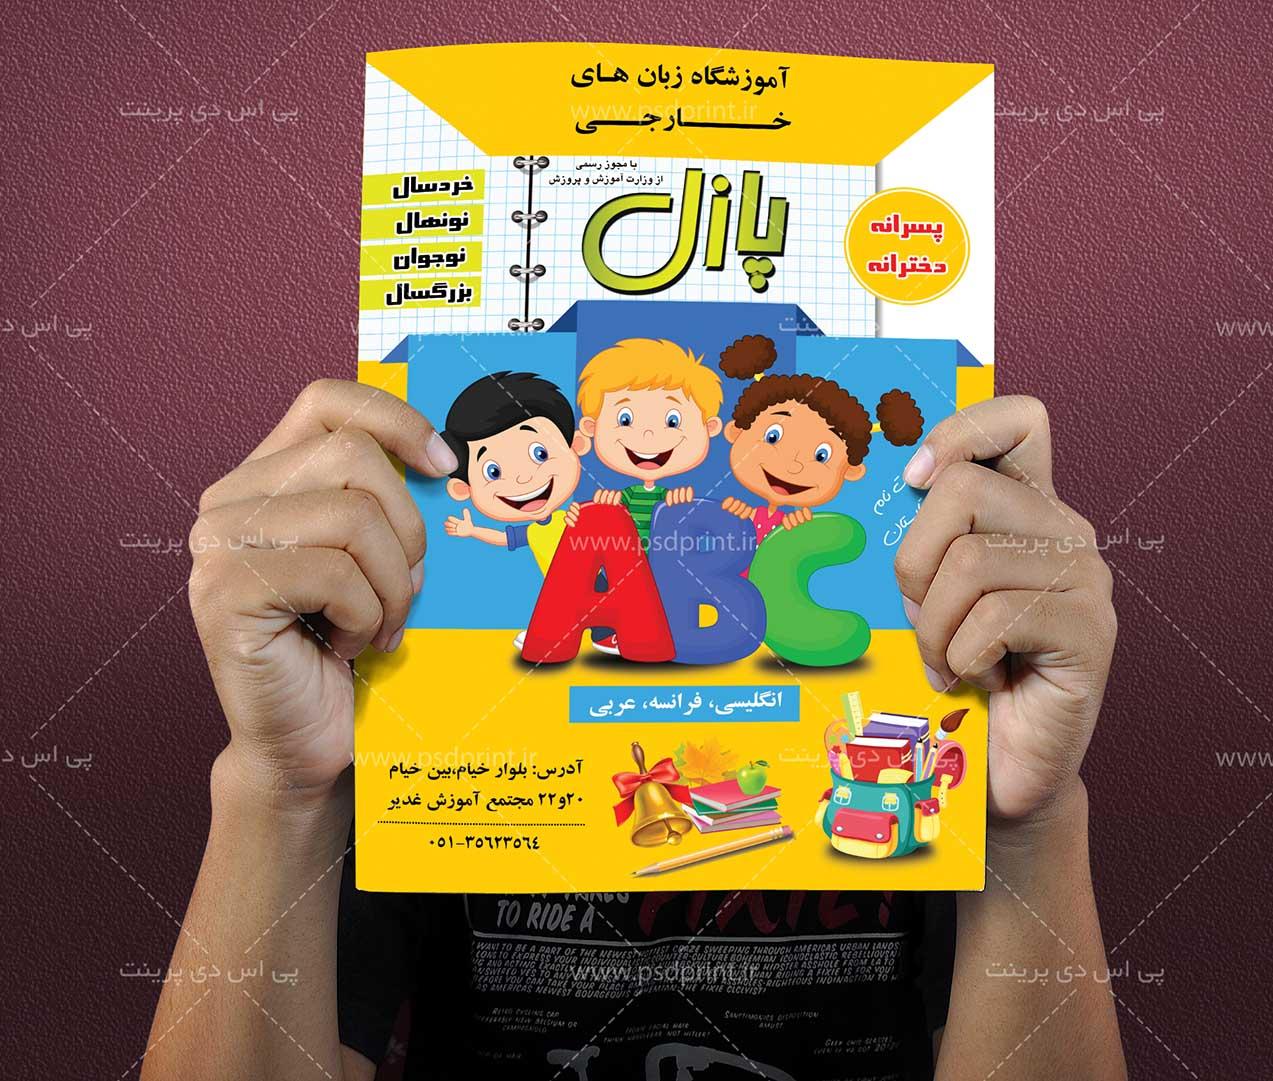 طرح تراکت لایه باز آموزشگاه زبان خارجی